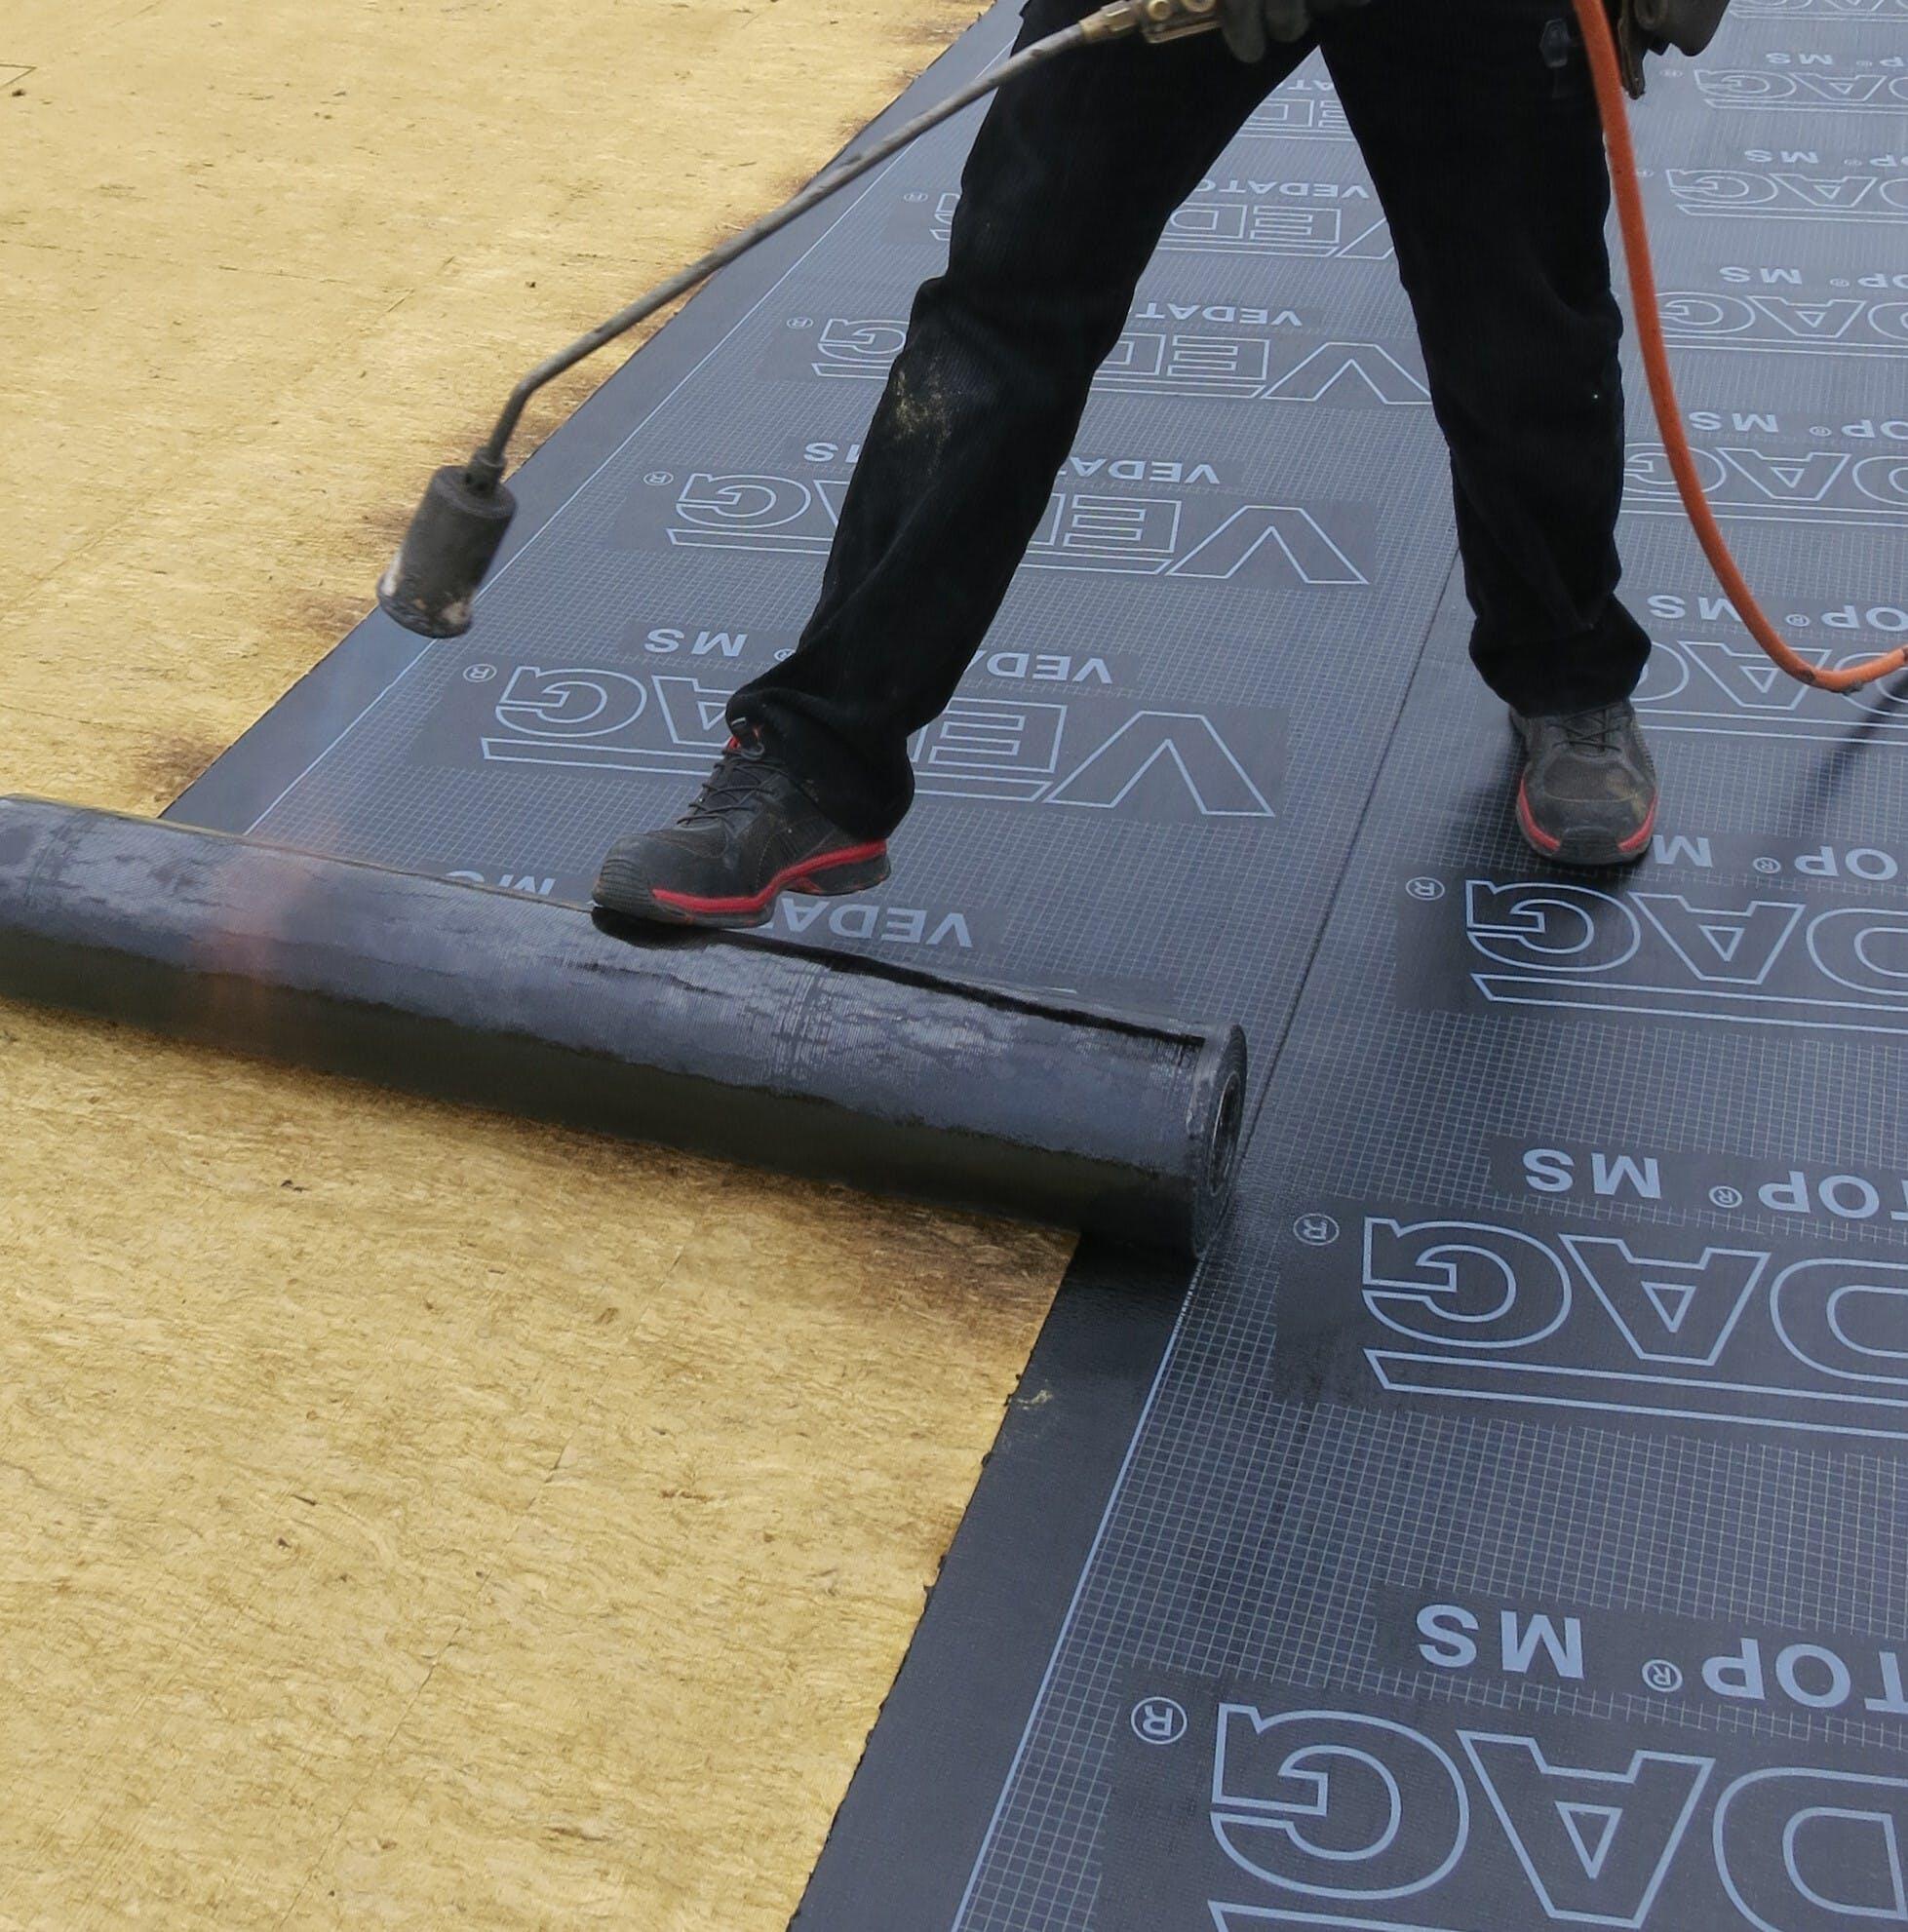 roof insulation, flat roof, bitumen seal, adhesive-friendly surface, dach+holz 2020, bitrock, bitumenabdichtung, klebefreundliche oberfläche, dachdämmung, flachdach, presse, germany, presse, press